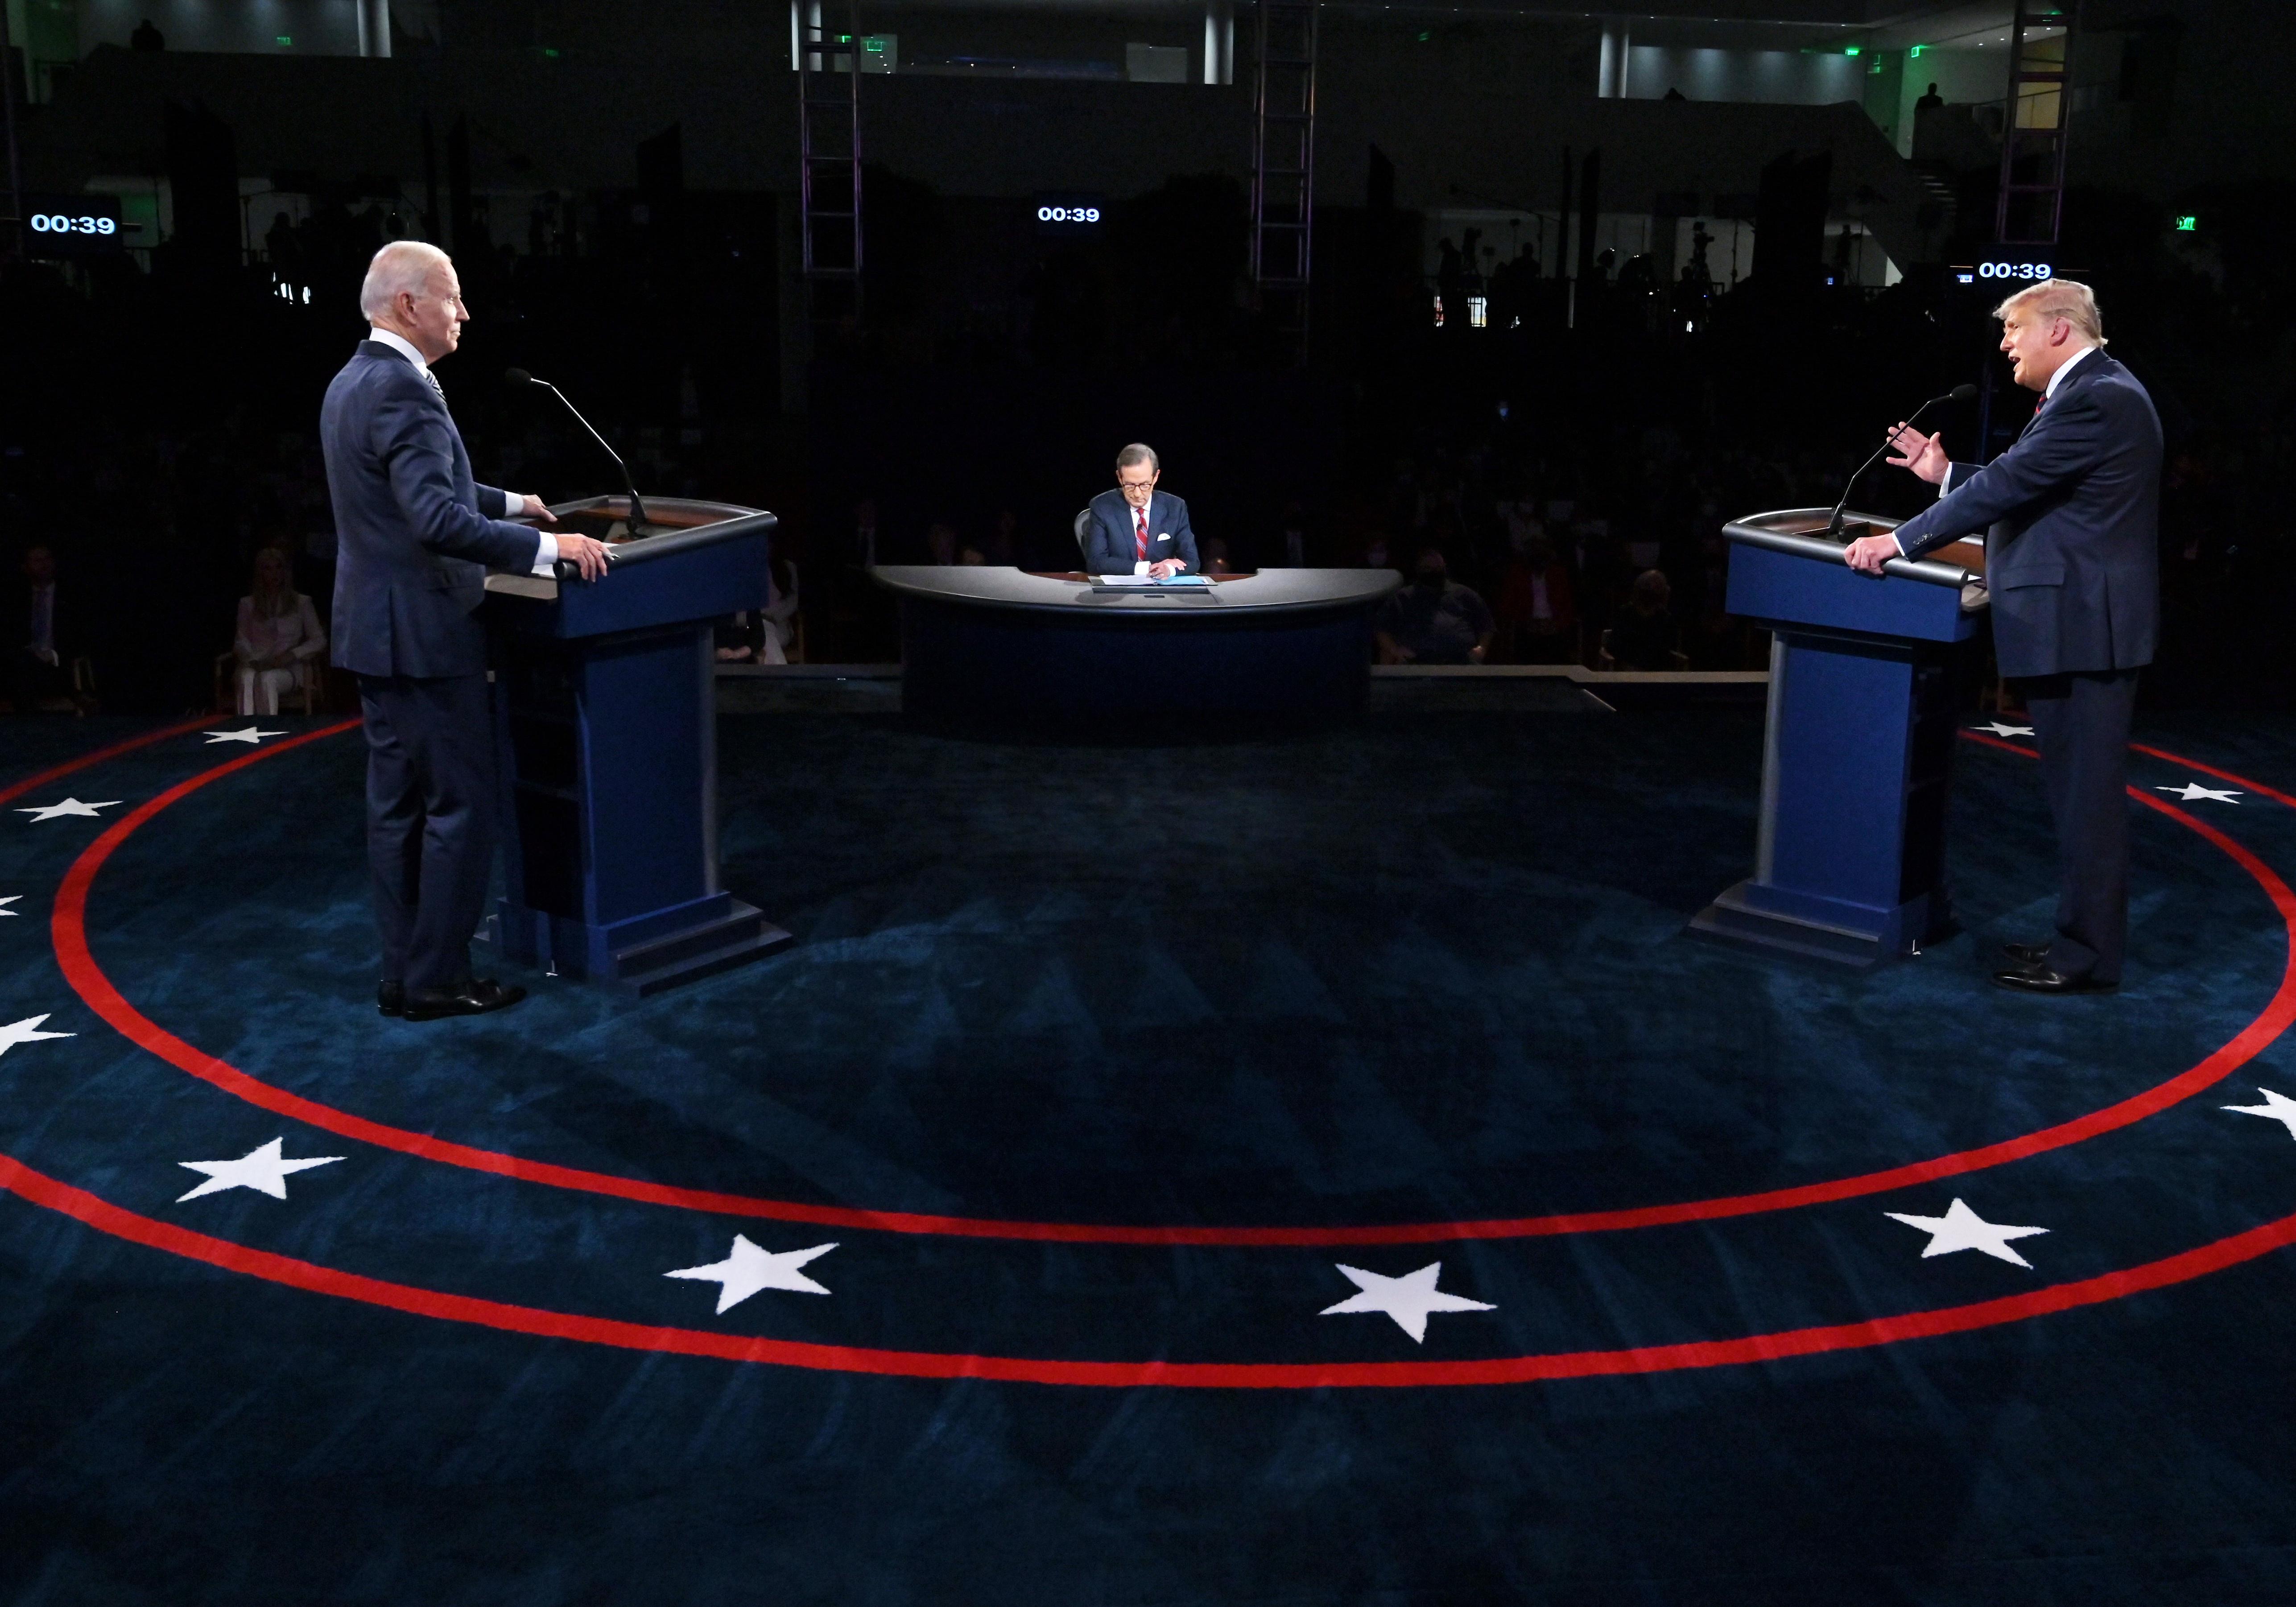 Trump folyamatosan közbeszólt, Biden bohócnak nevezte az elnököt